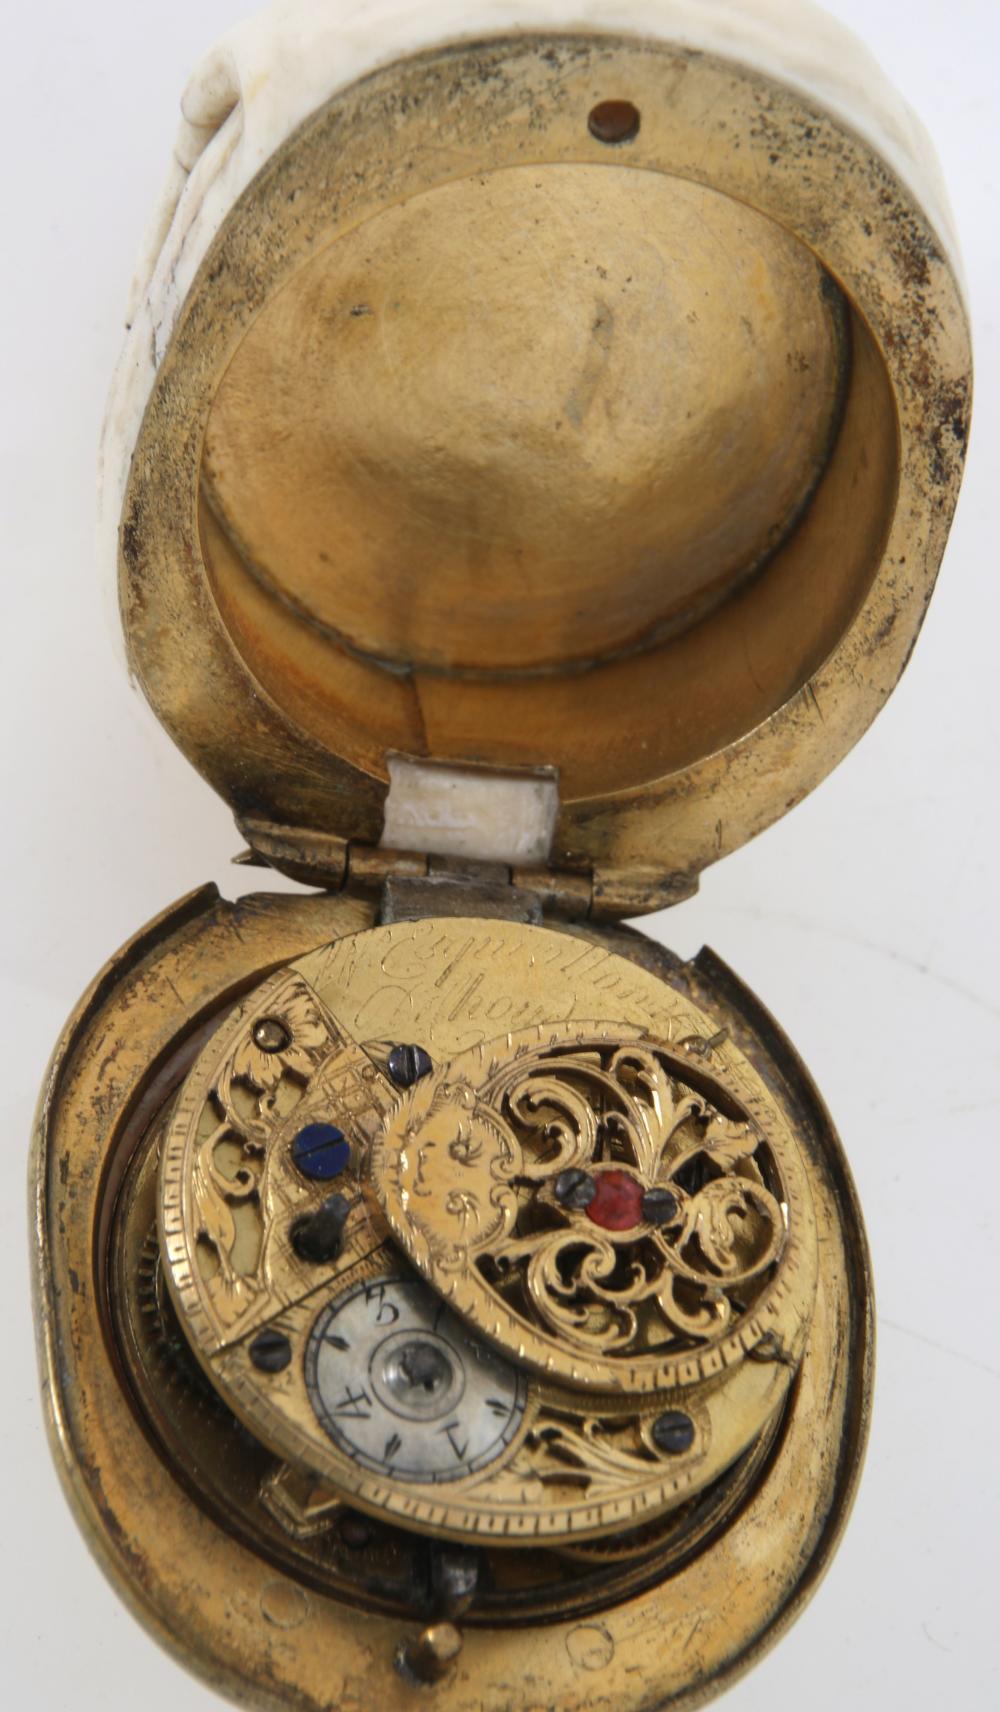 Frères Esquivillon & De Choudens Skull Form Clock